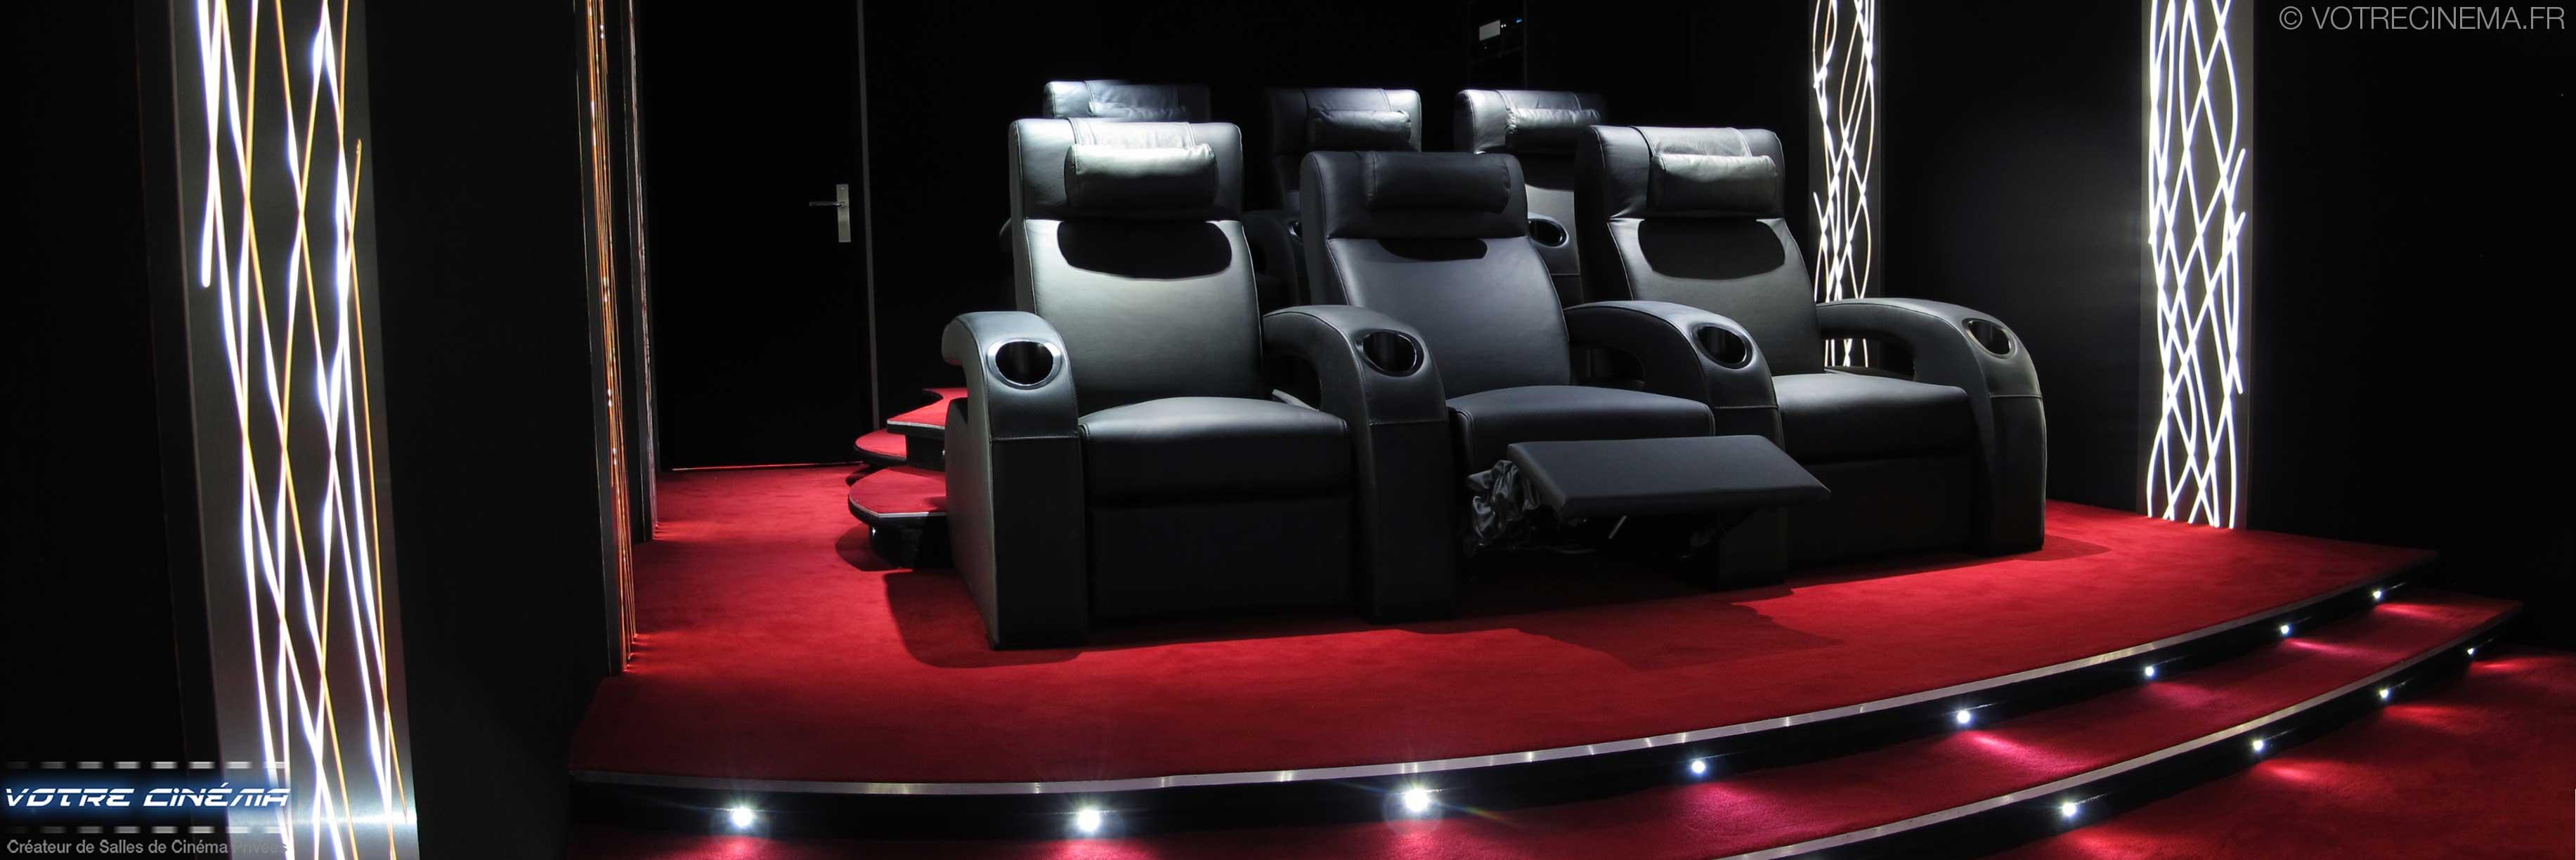 Salle cinéma privée Valence